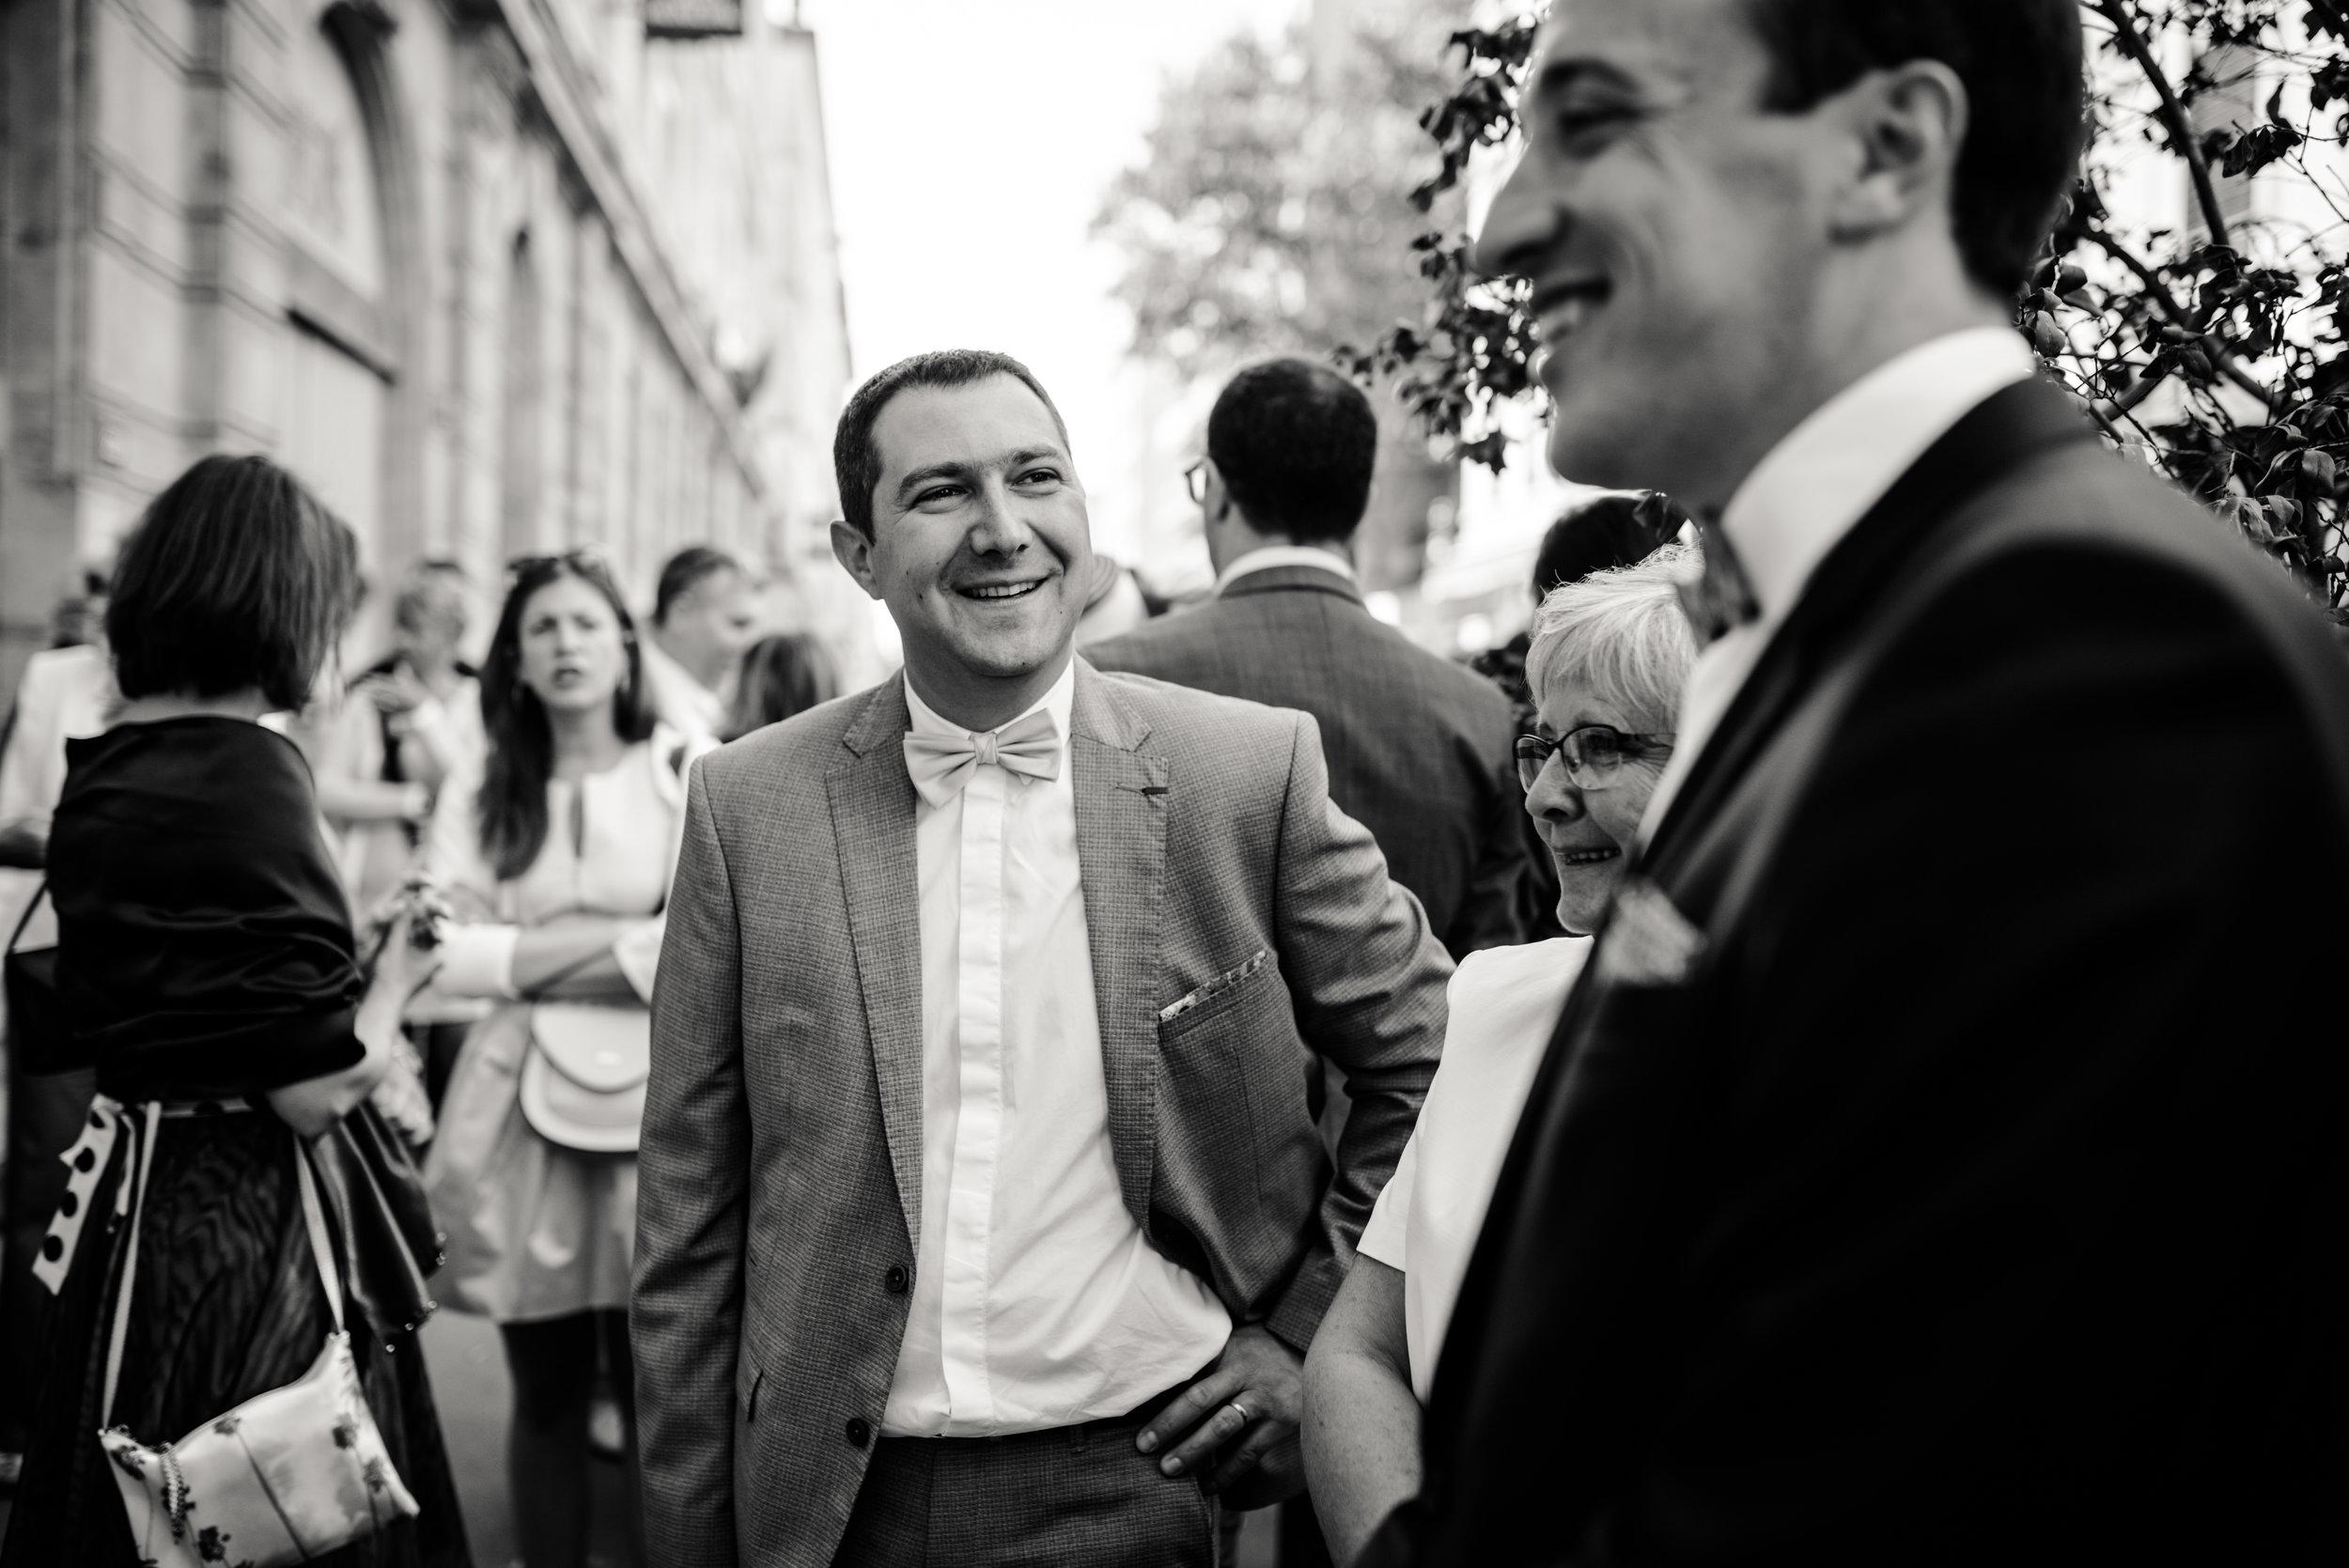 Léa-Fery-photographe-professionnel-lyon-rhone-alpes-portrait-creation-mariage-evenement-evenementiel-famille-7560.jpg